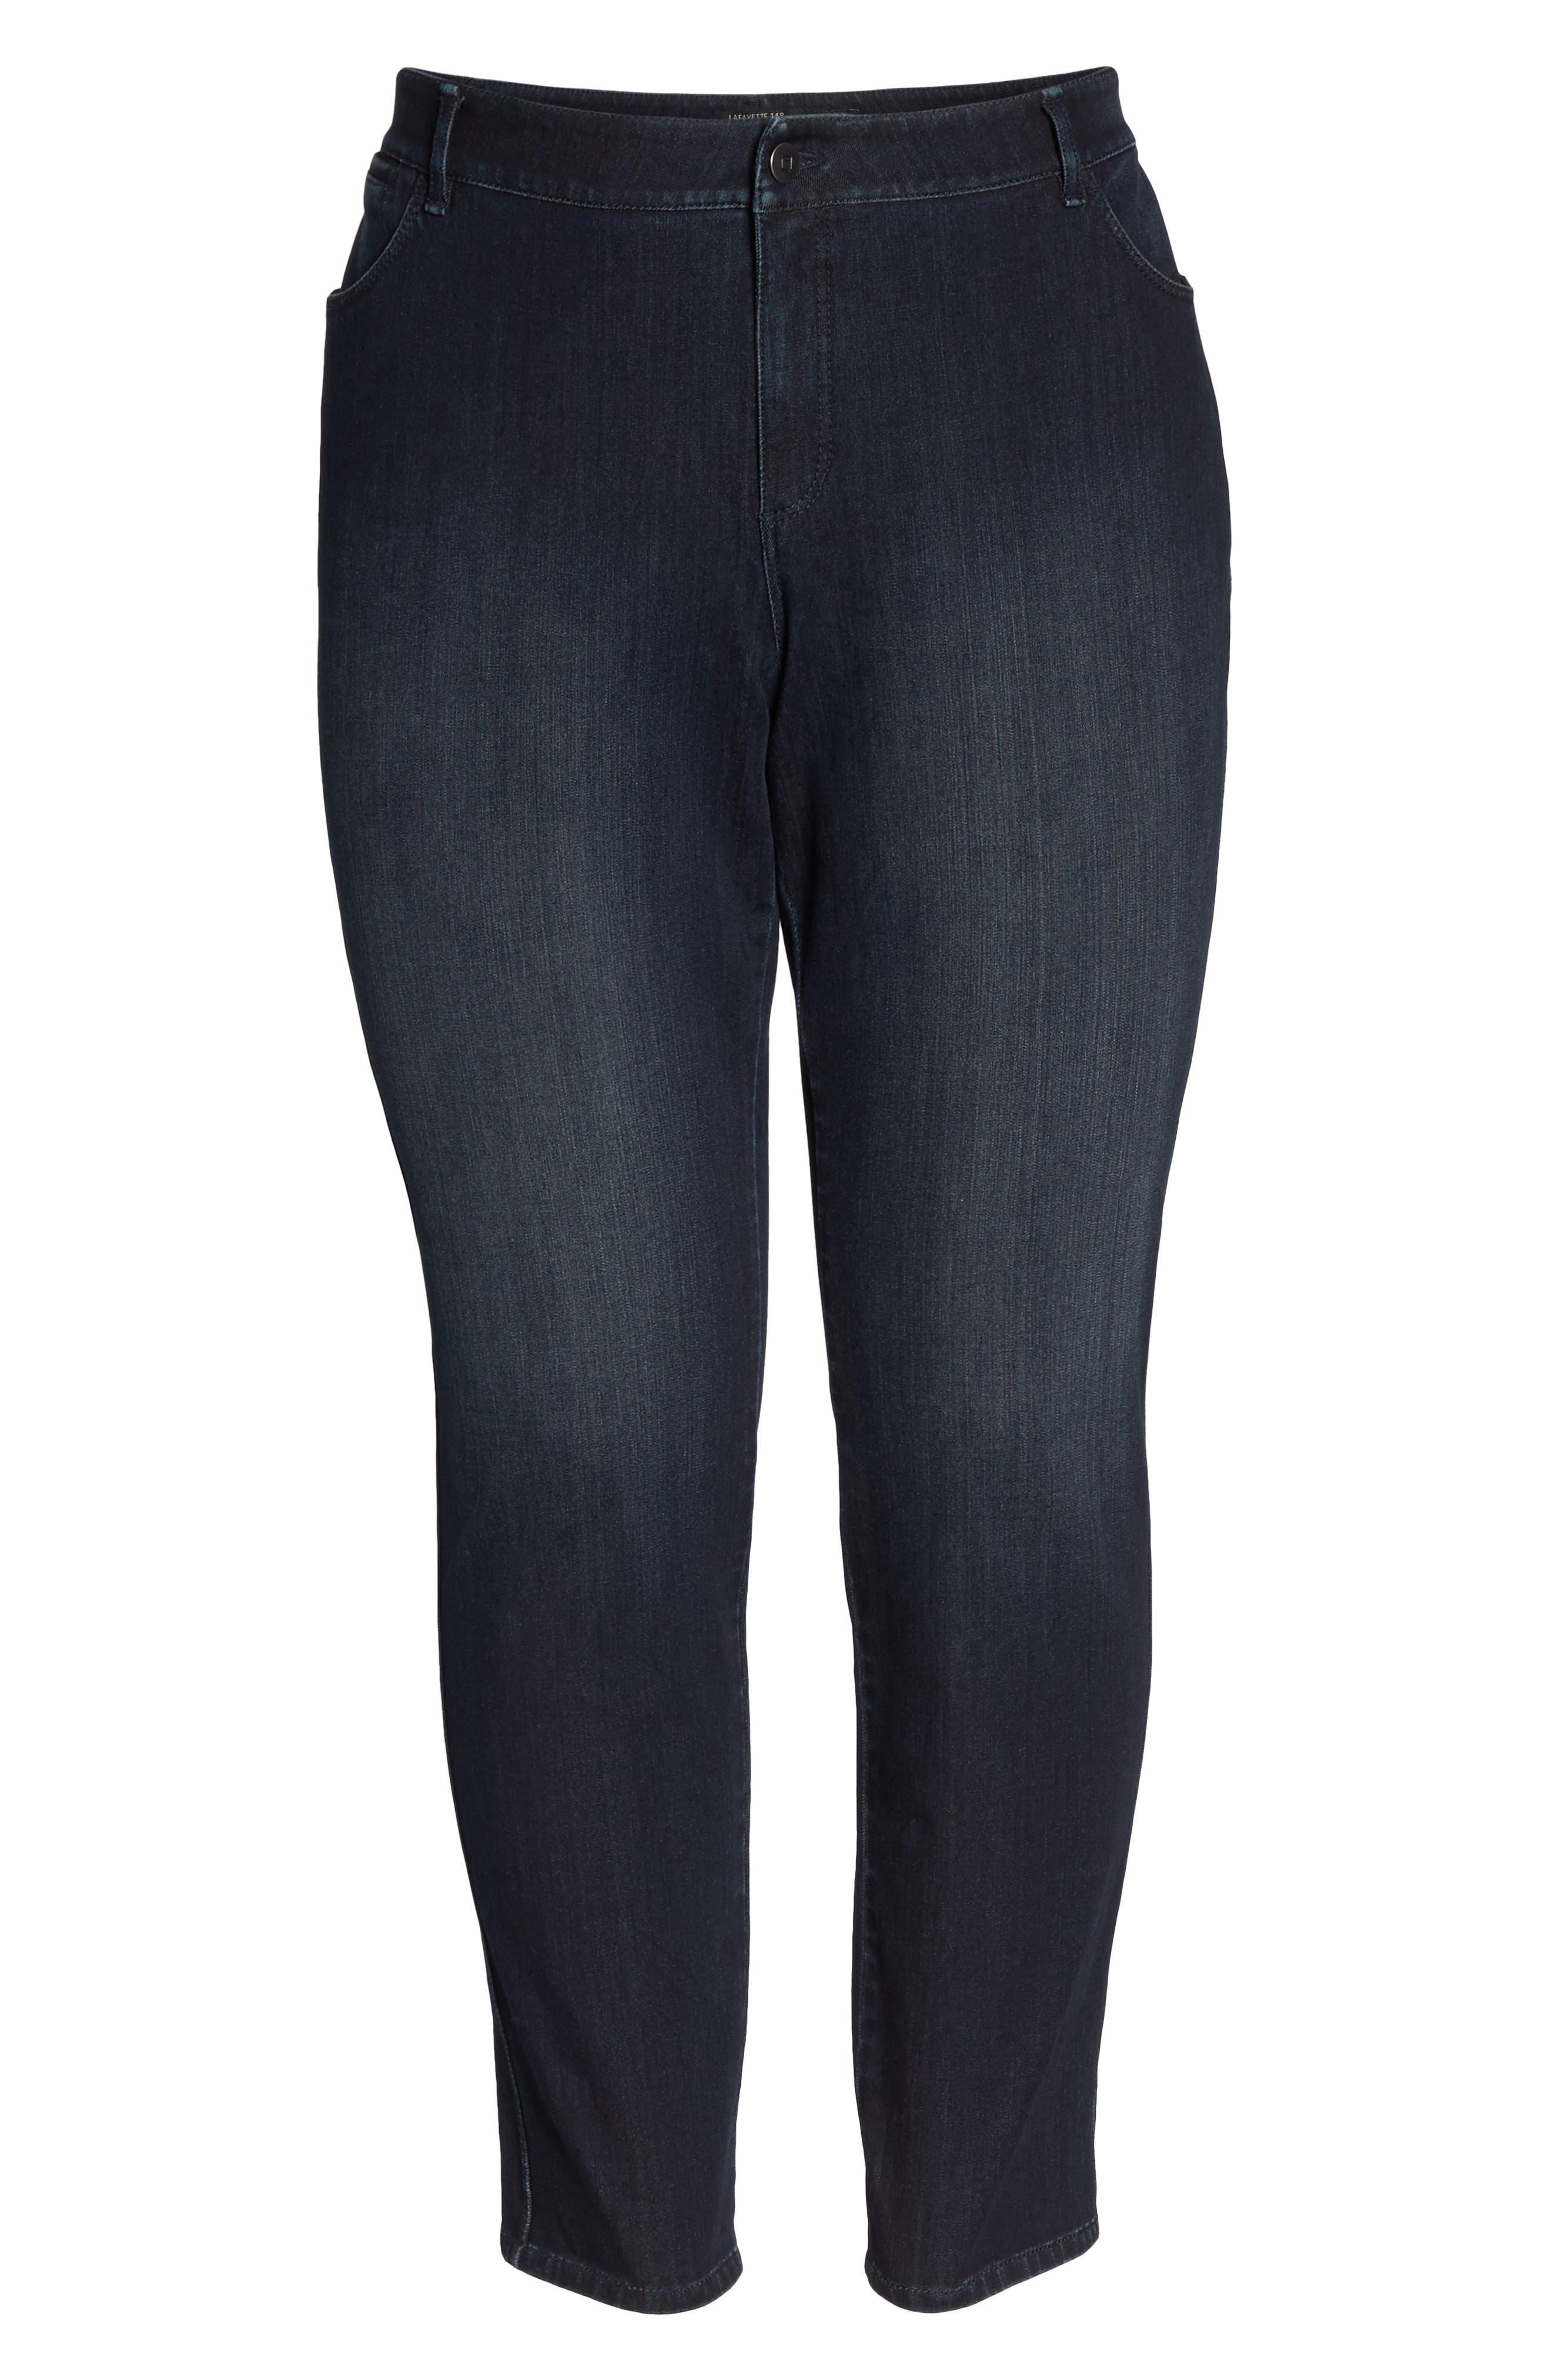 Mercer Jeans,                             Alternate thumbnail 6, color,                             407